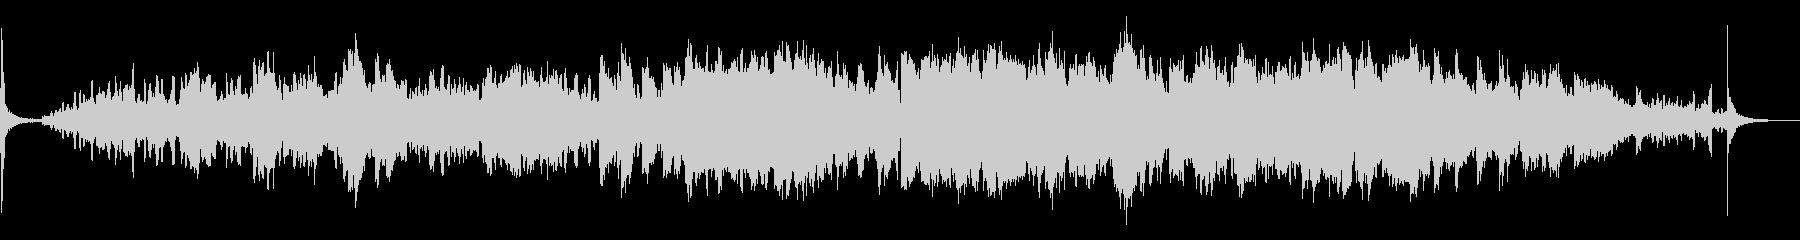 [生演奏]エレピがメインの癒し系楽曲の未再生の波形